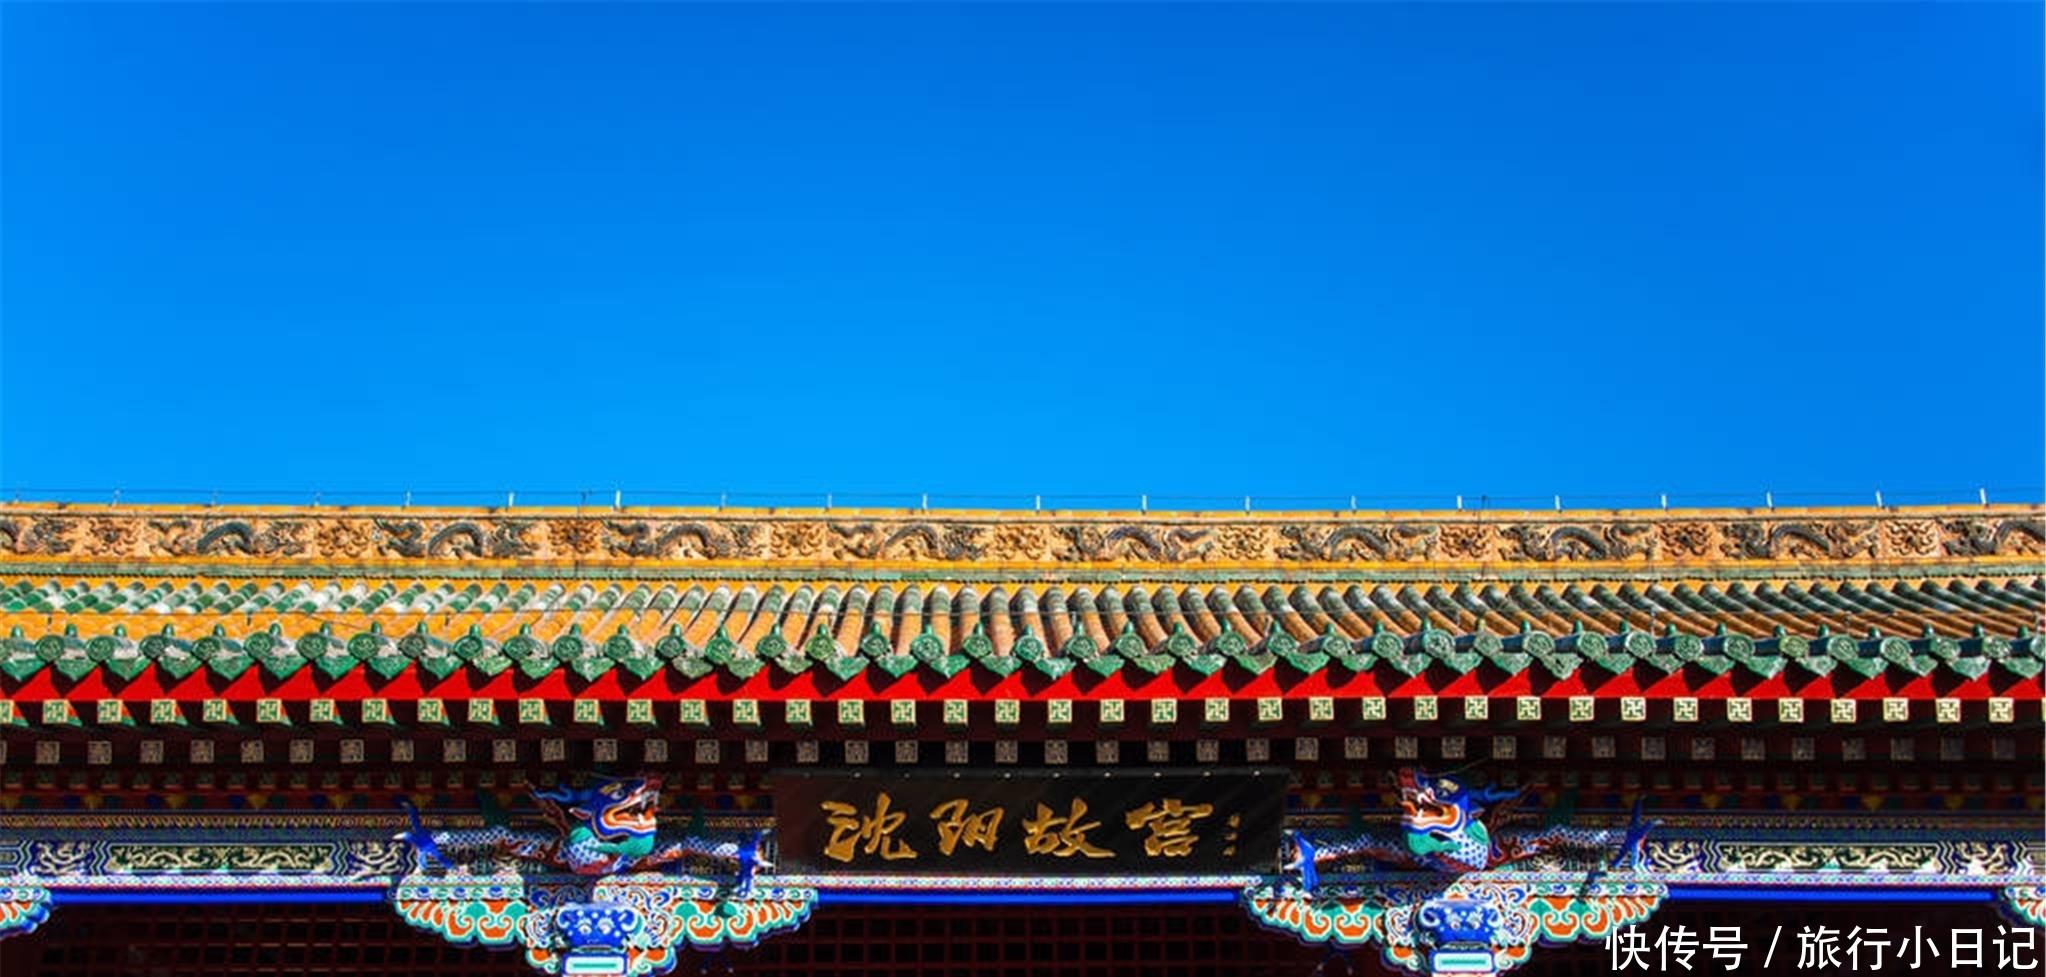 西南的昆明、东南的温州、东北的沈阳,谁的实力最强?昆明温州